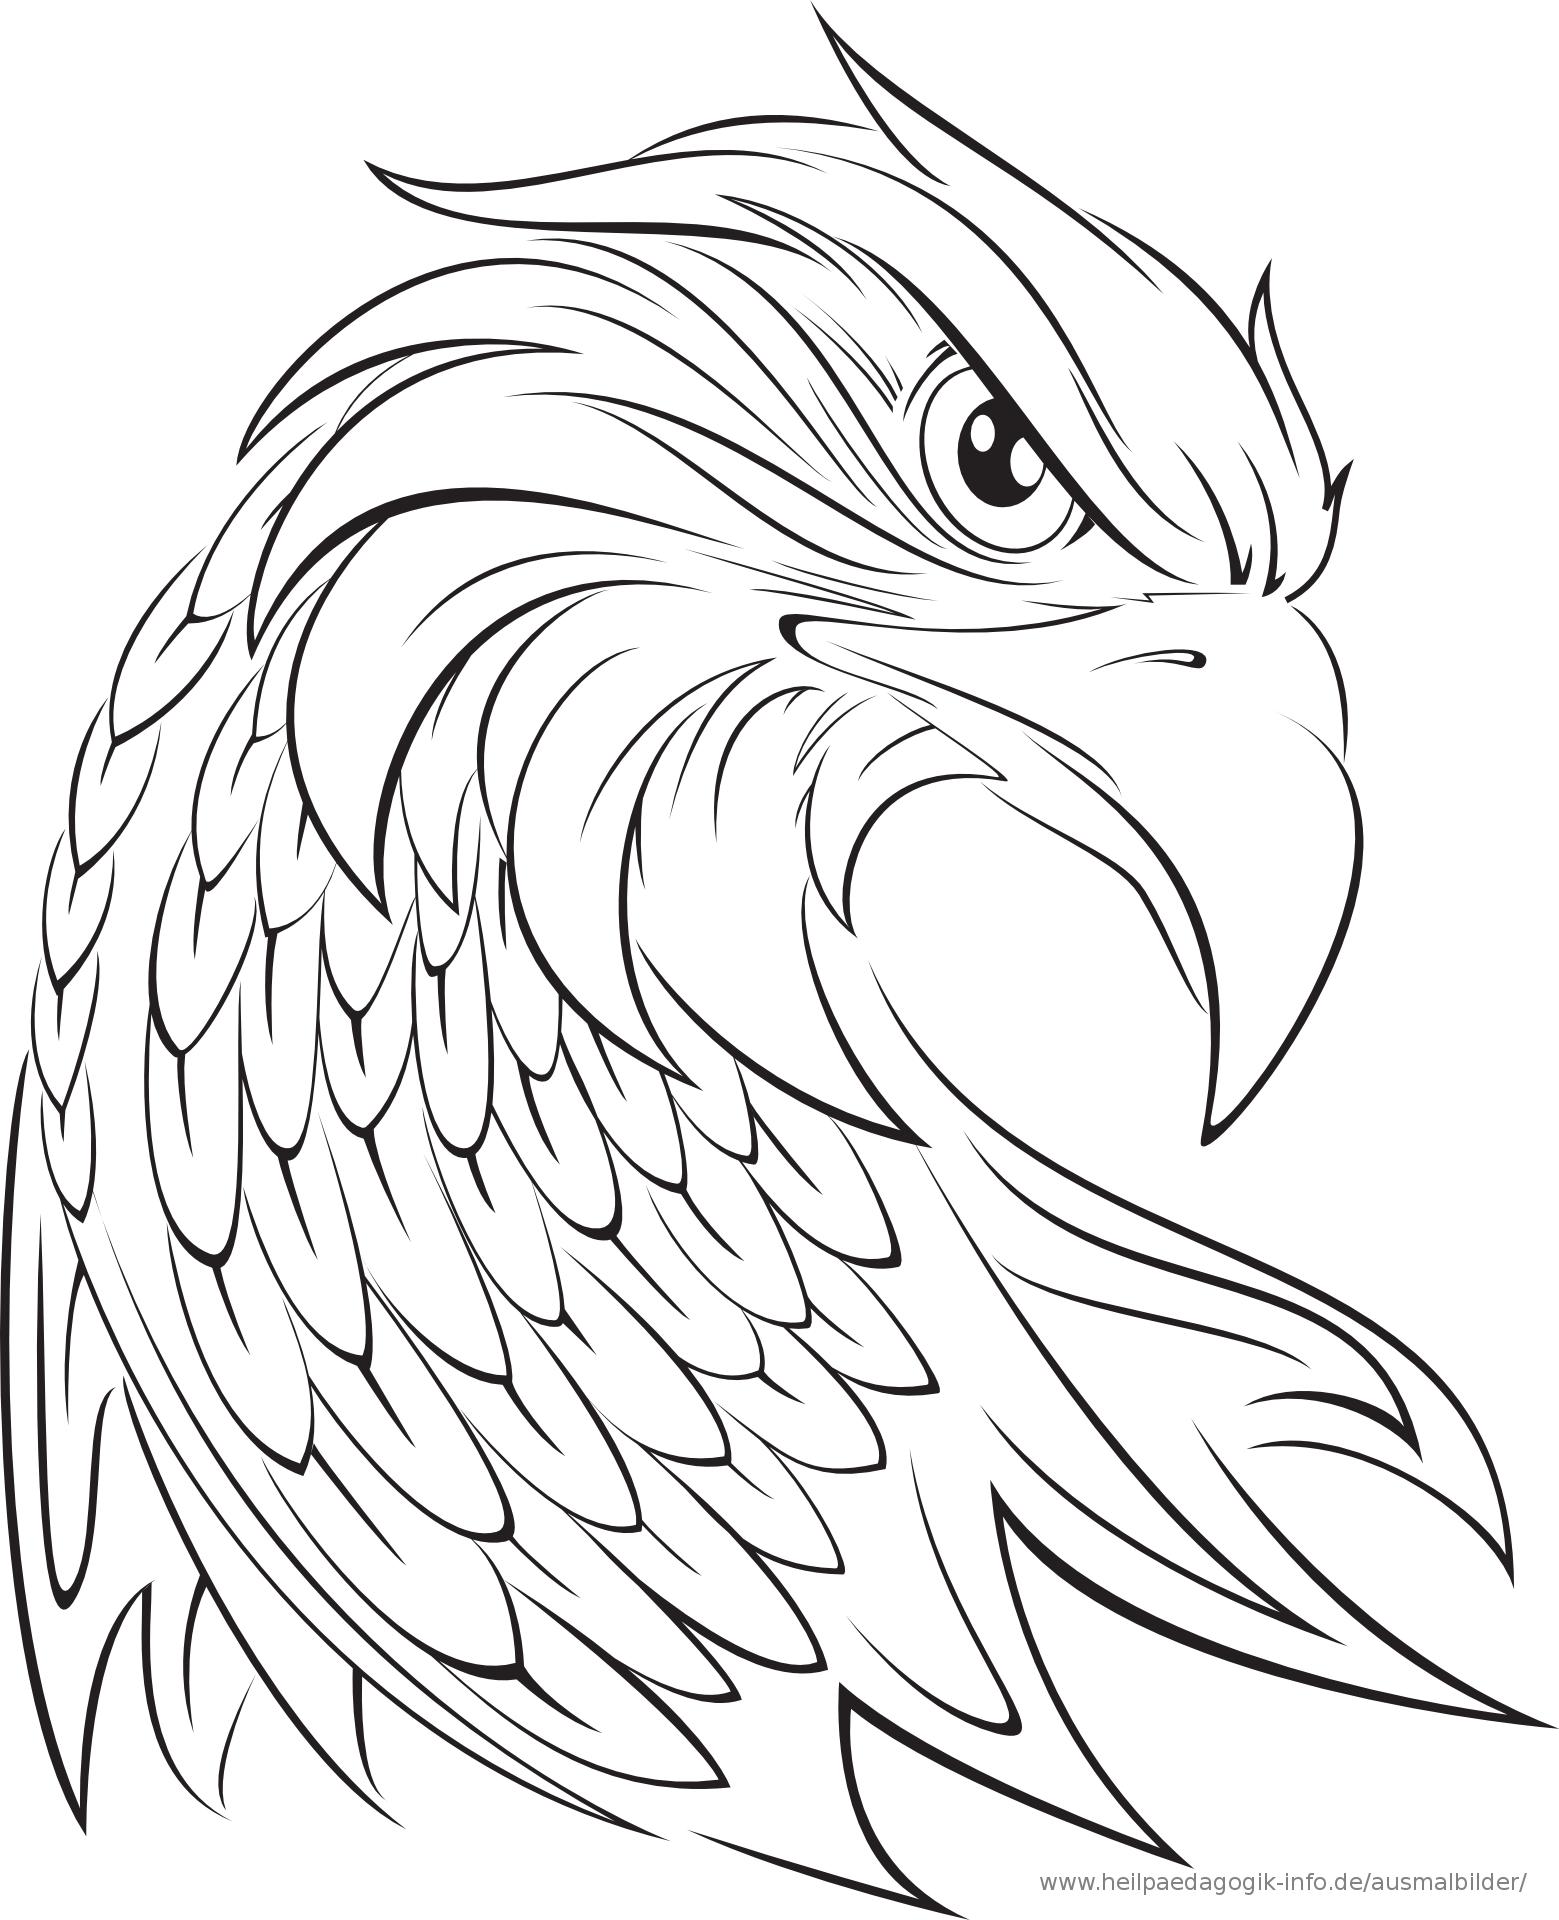 Malvorlage Adler